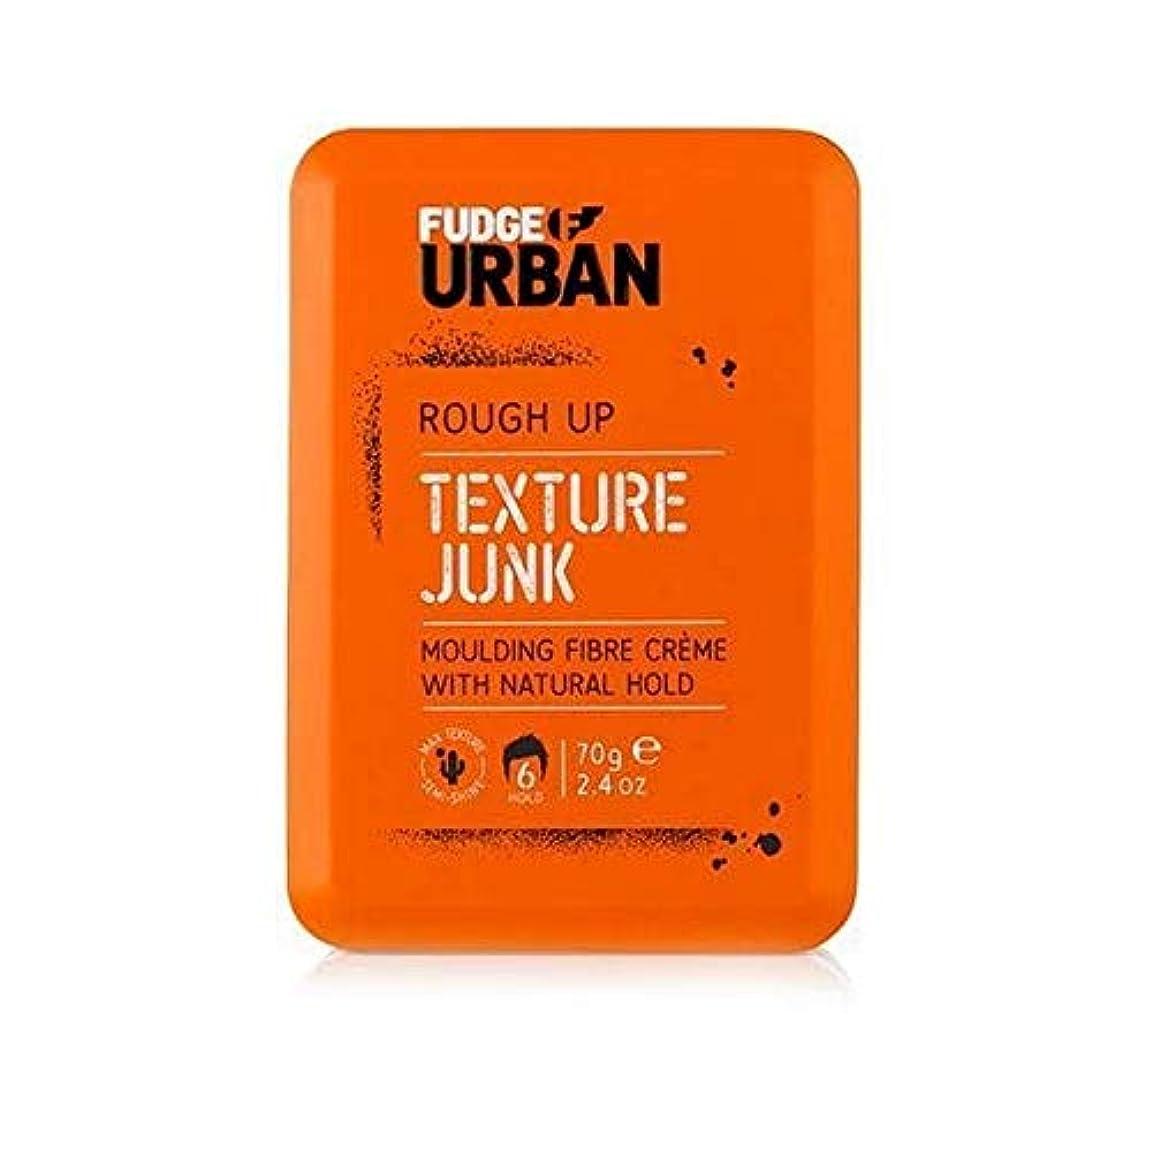 中絶上院付ける[Fudge Urban] ファッジ都市テクスチャジャンク75ミリリットル - Fudge Urban Texture Junk 75ml [並行輸入品]